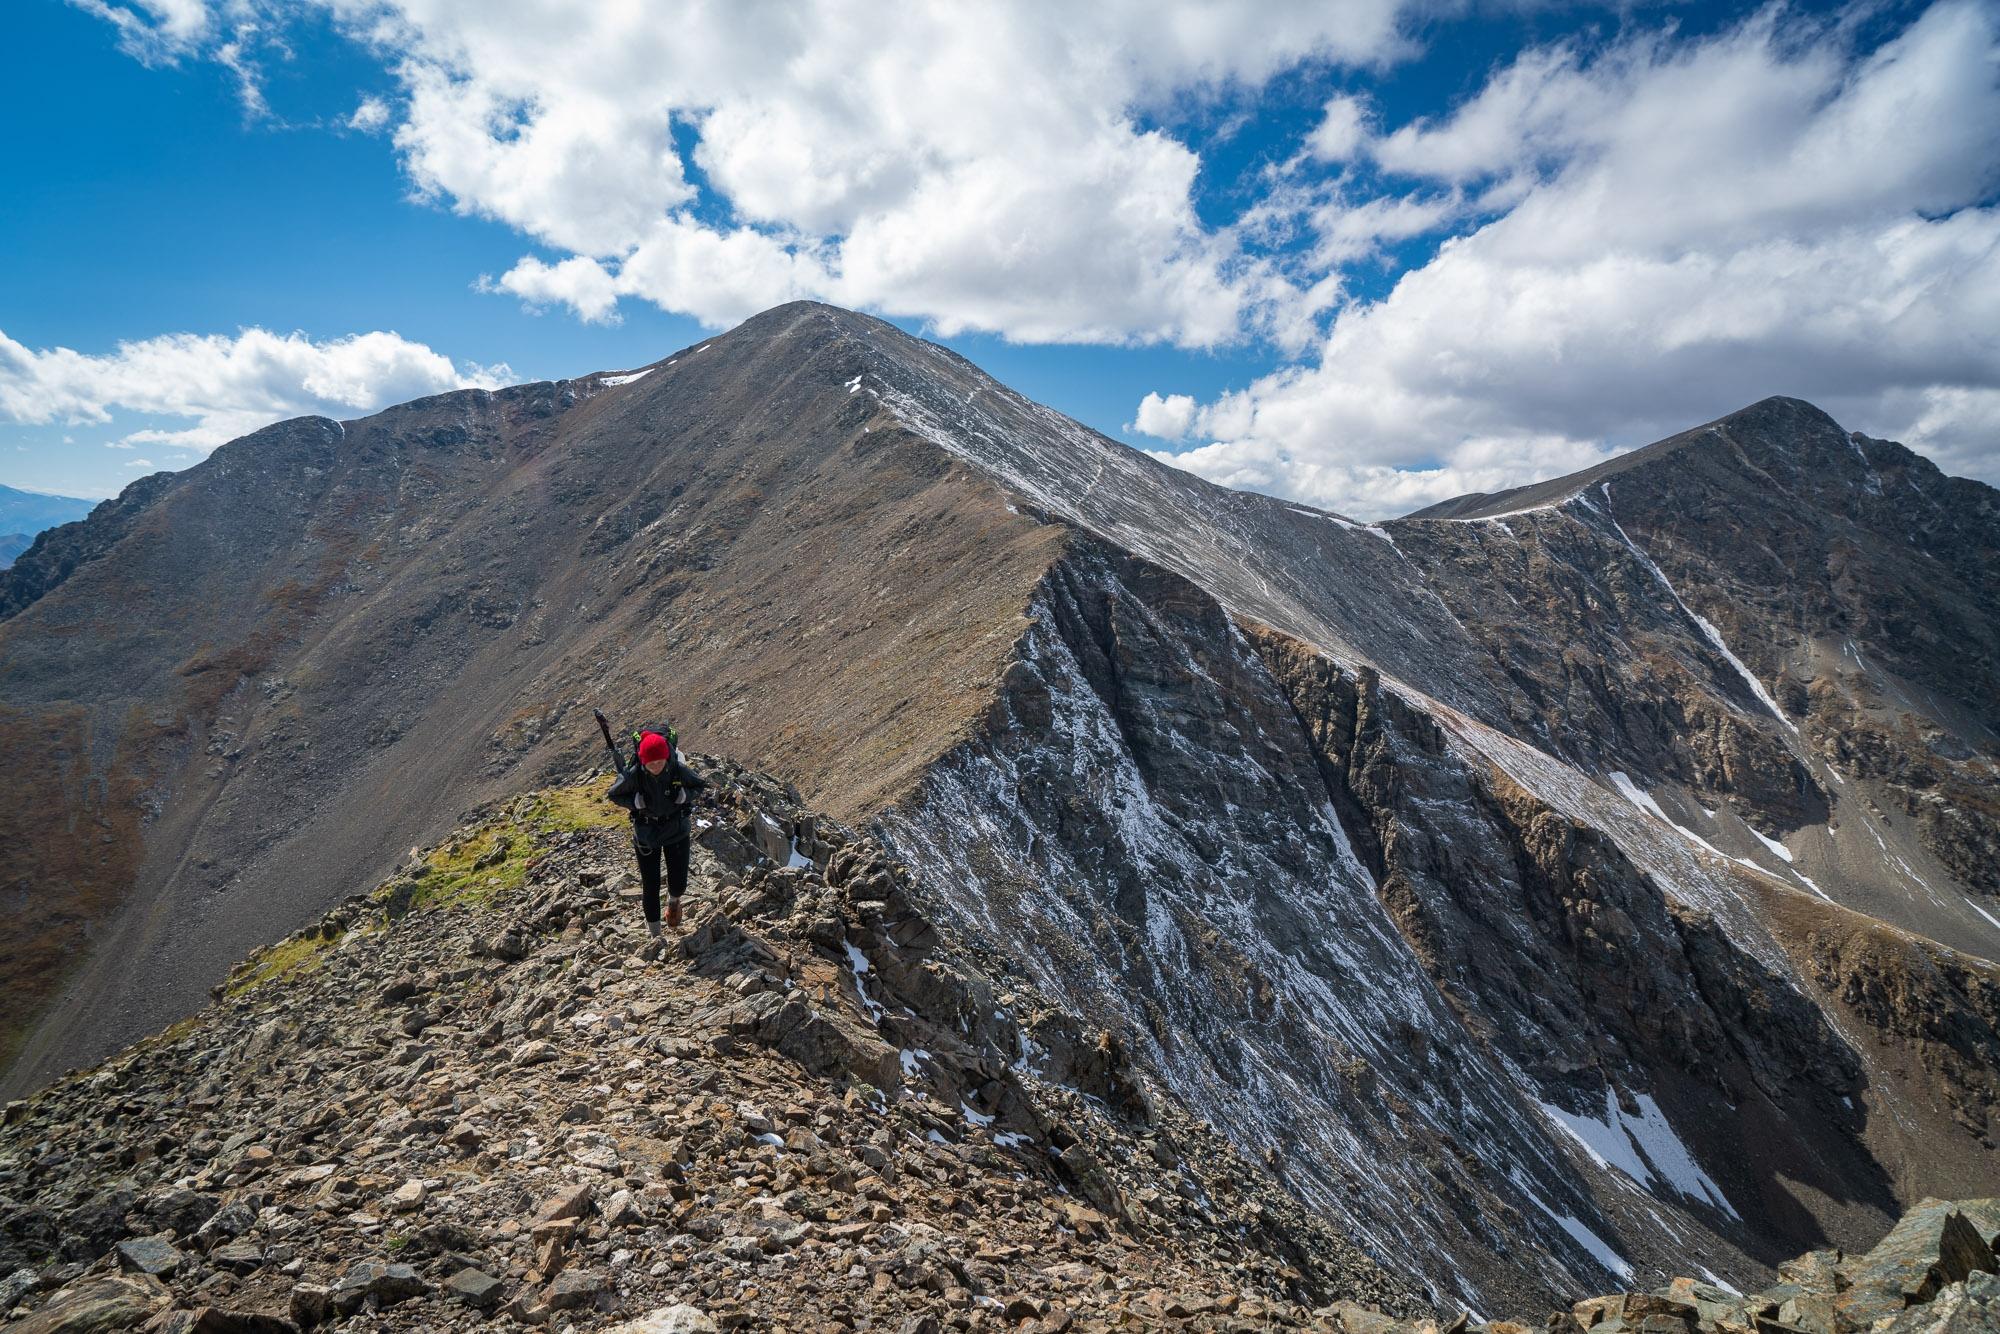 hiker hiking on a mountain ridge in Colorado